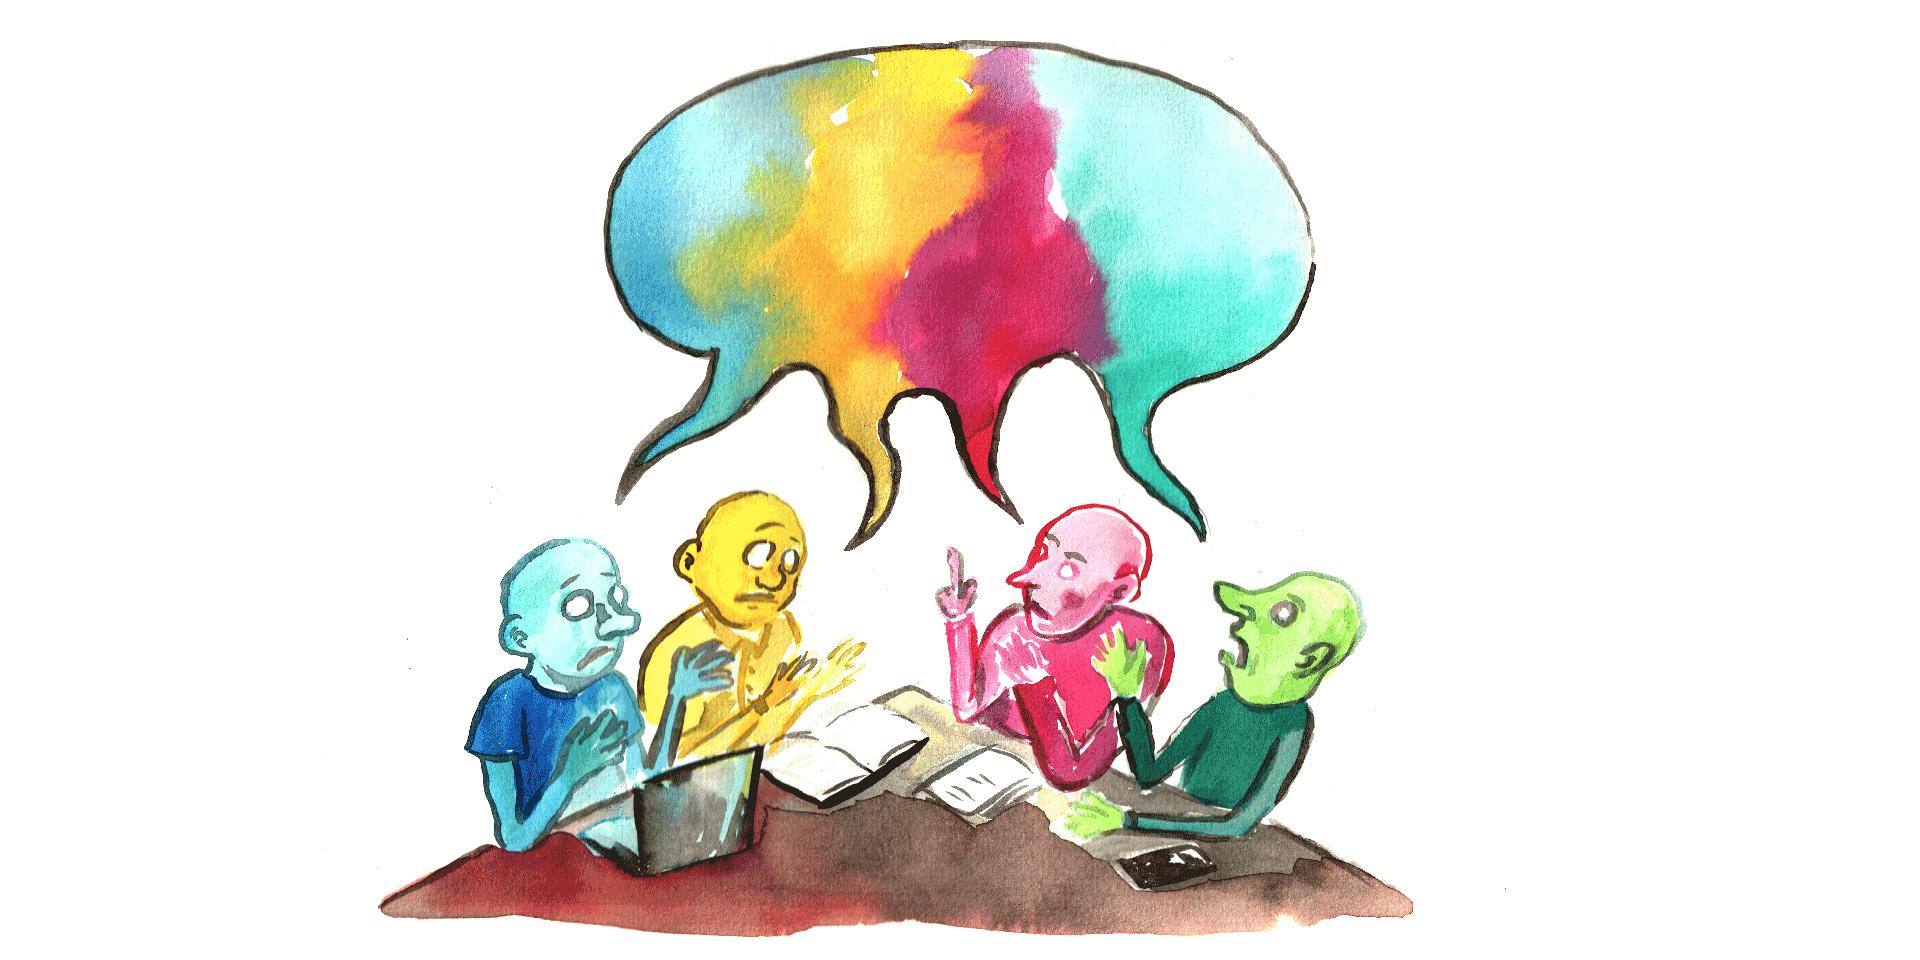 Gekleurde figuren hebben een discussie.